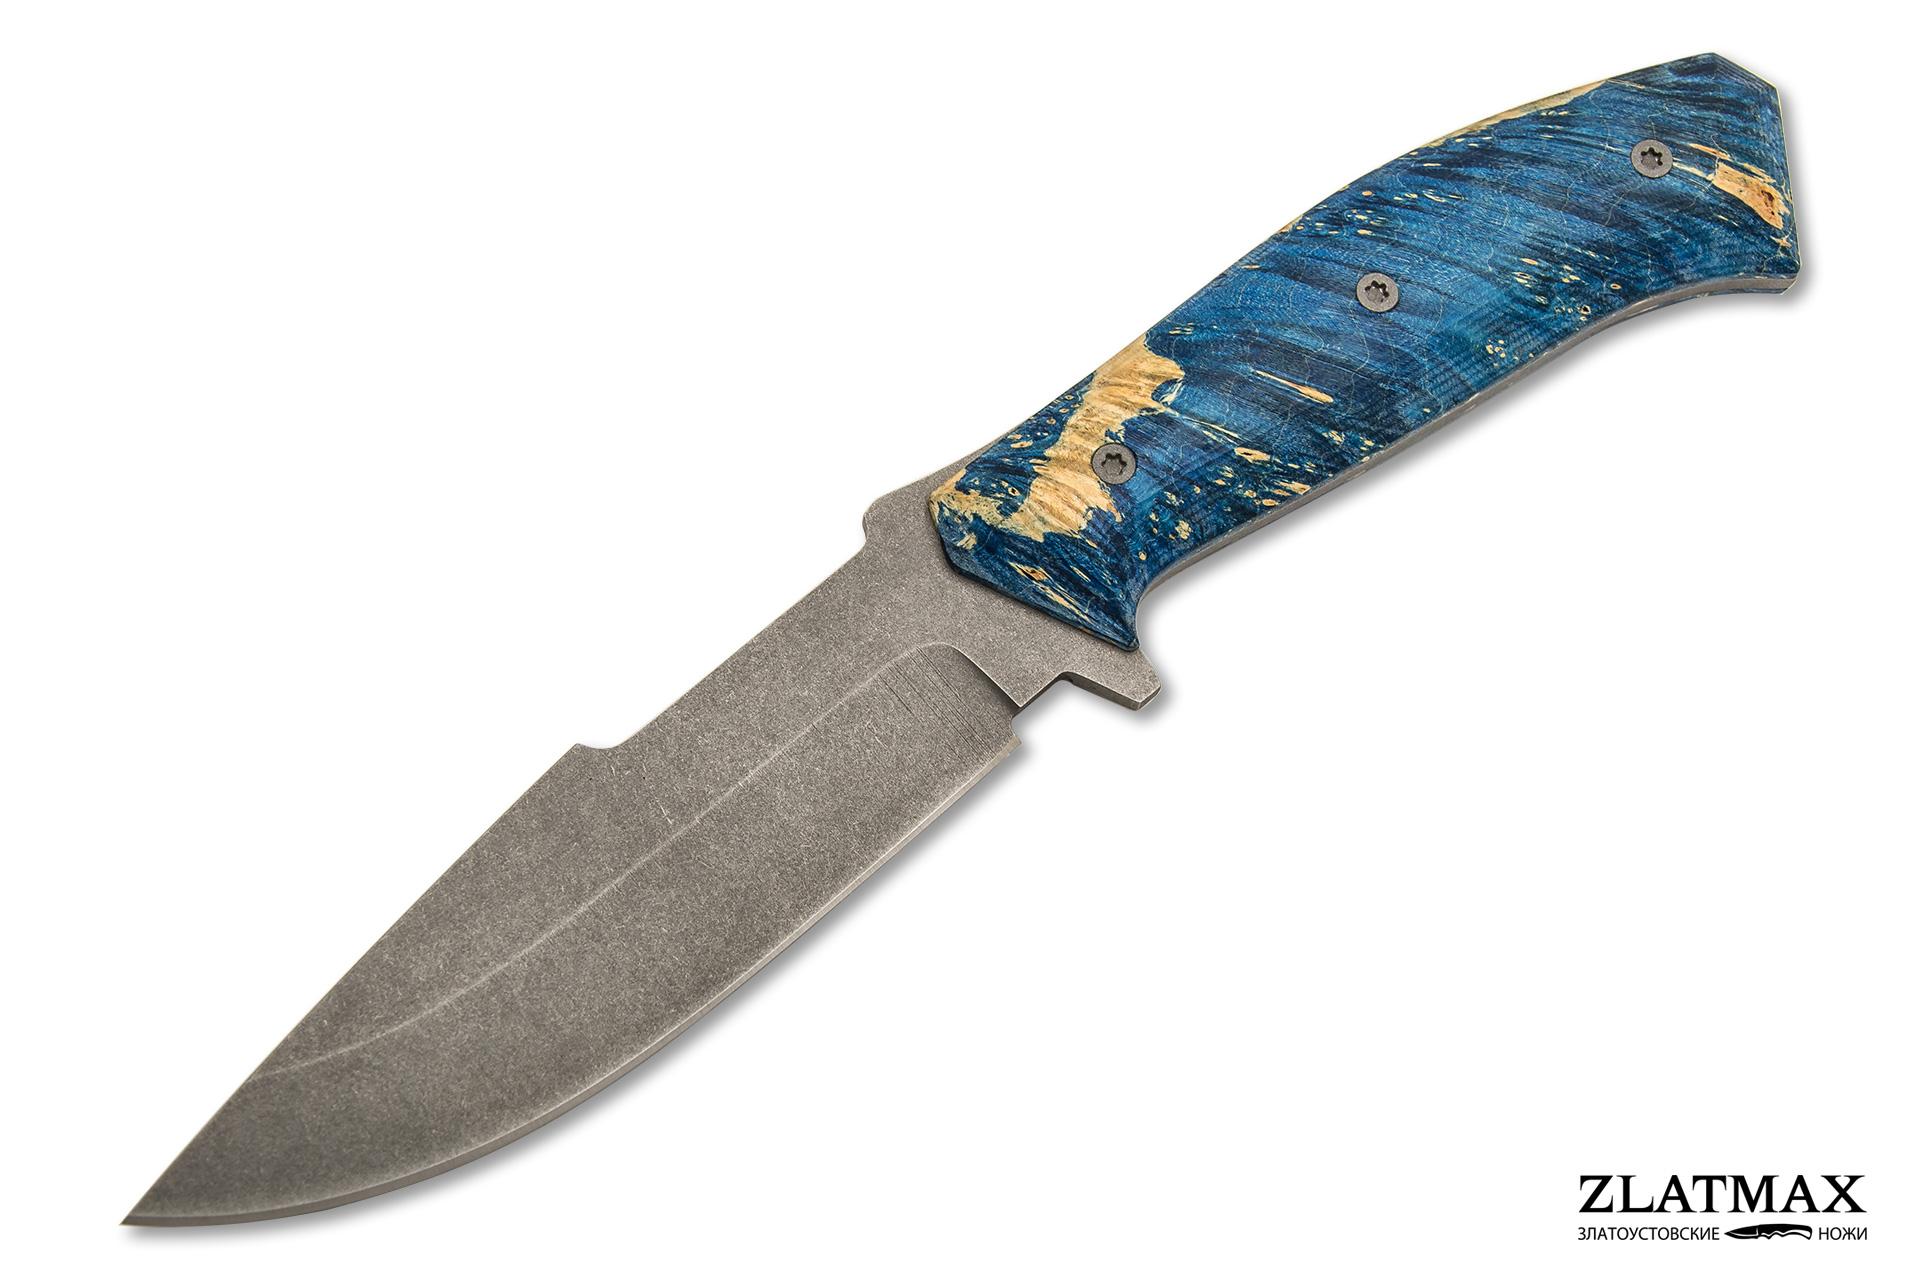 Нож Егерь (K110 Böhler, Накладки стабилизированный кап клёна, Обработка клинка Stonewash) фото-01